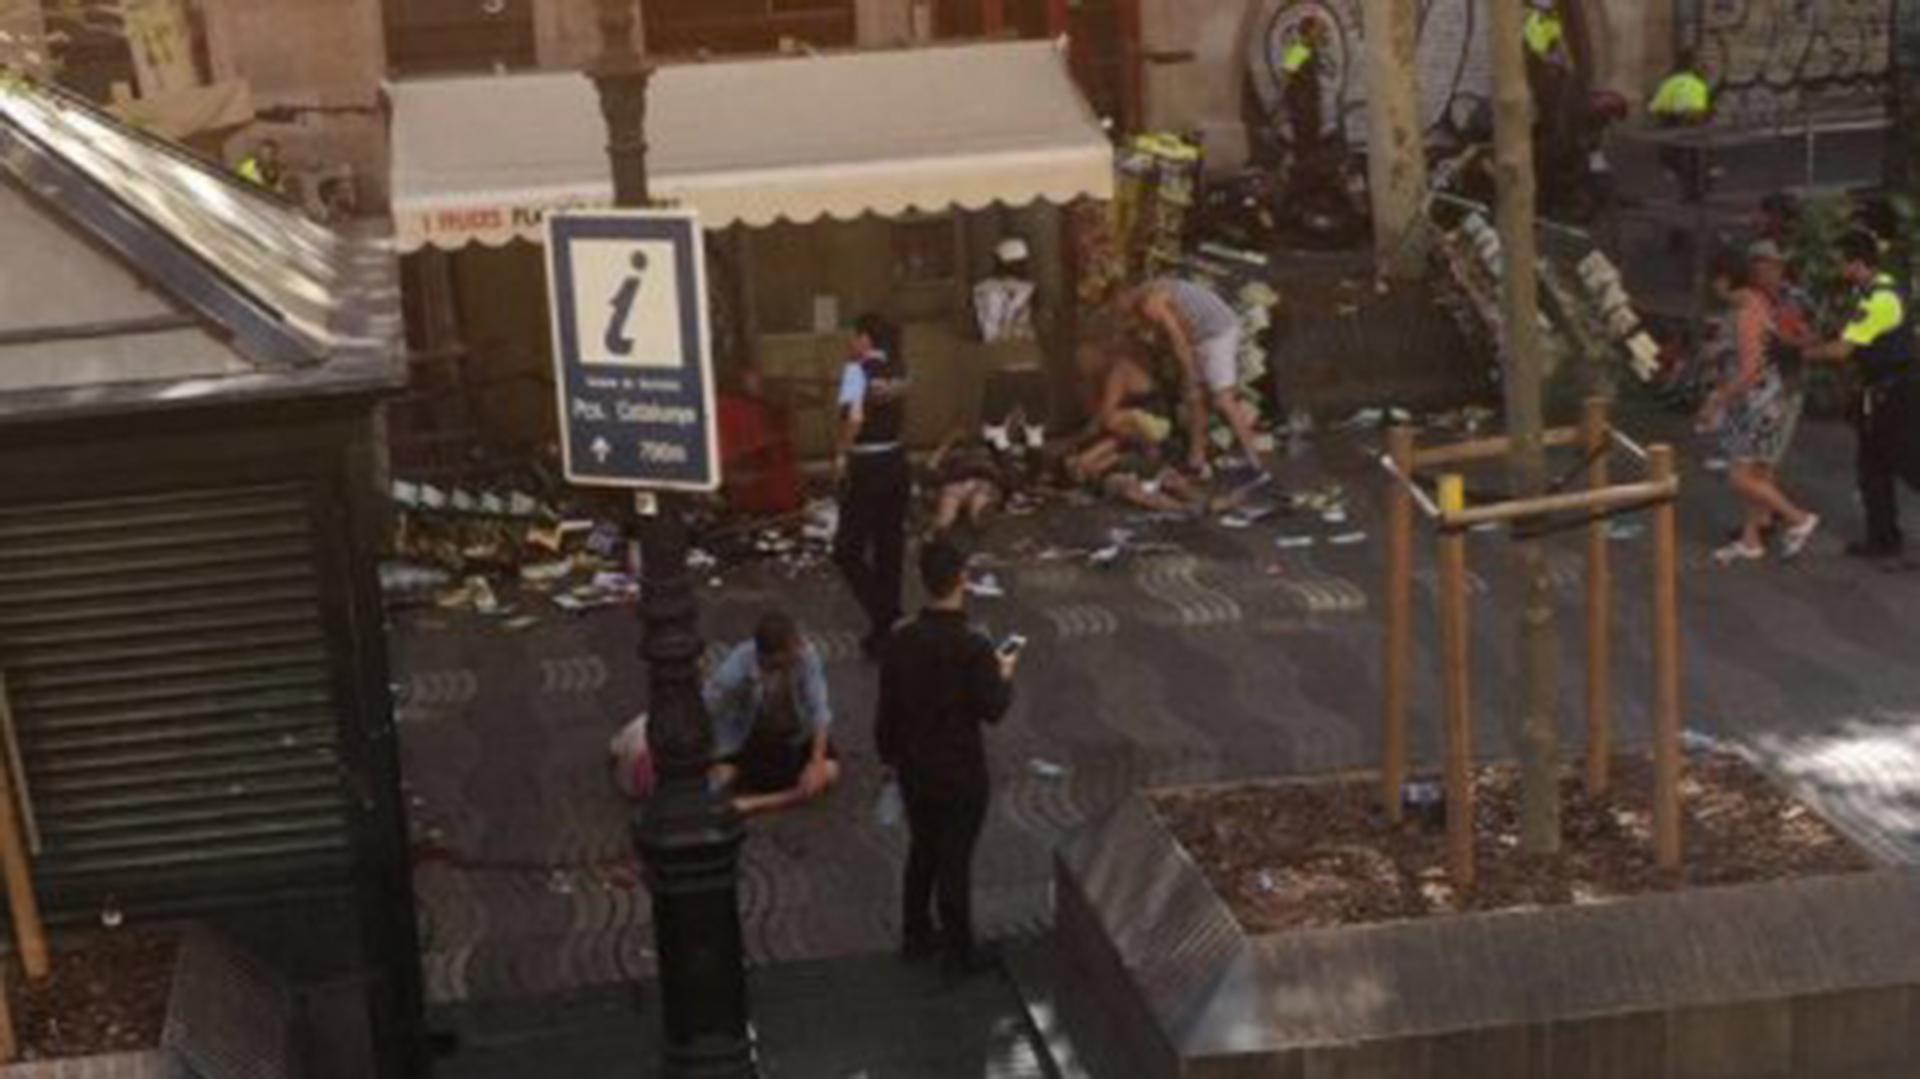 La policía ha recorrido las tiendas, restaurantes y hoteles de la zona ordenando a los propietarios que cerraran las persianas y nadie saliera a la calle